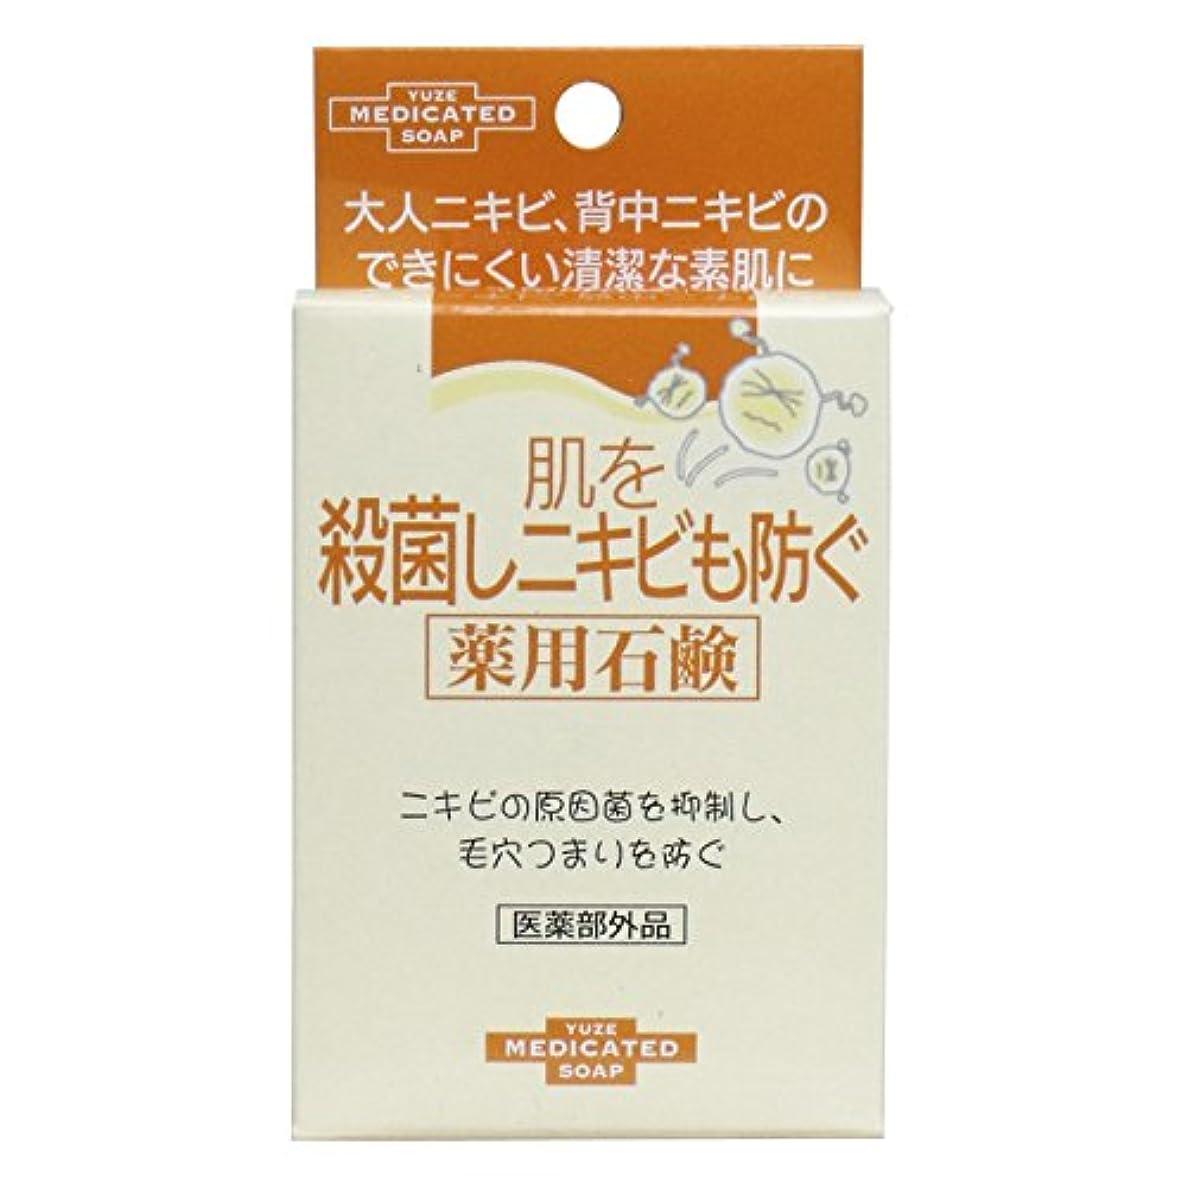 七面鳥カップ商品ユゼ 肌を殺菌しニキビも防ぐ薬用石鹸 (110g)